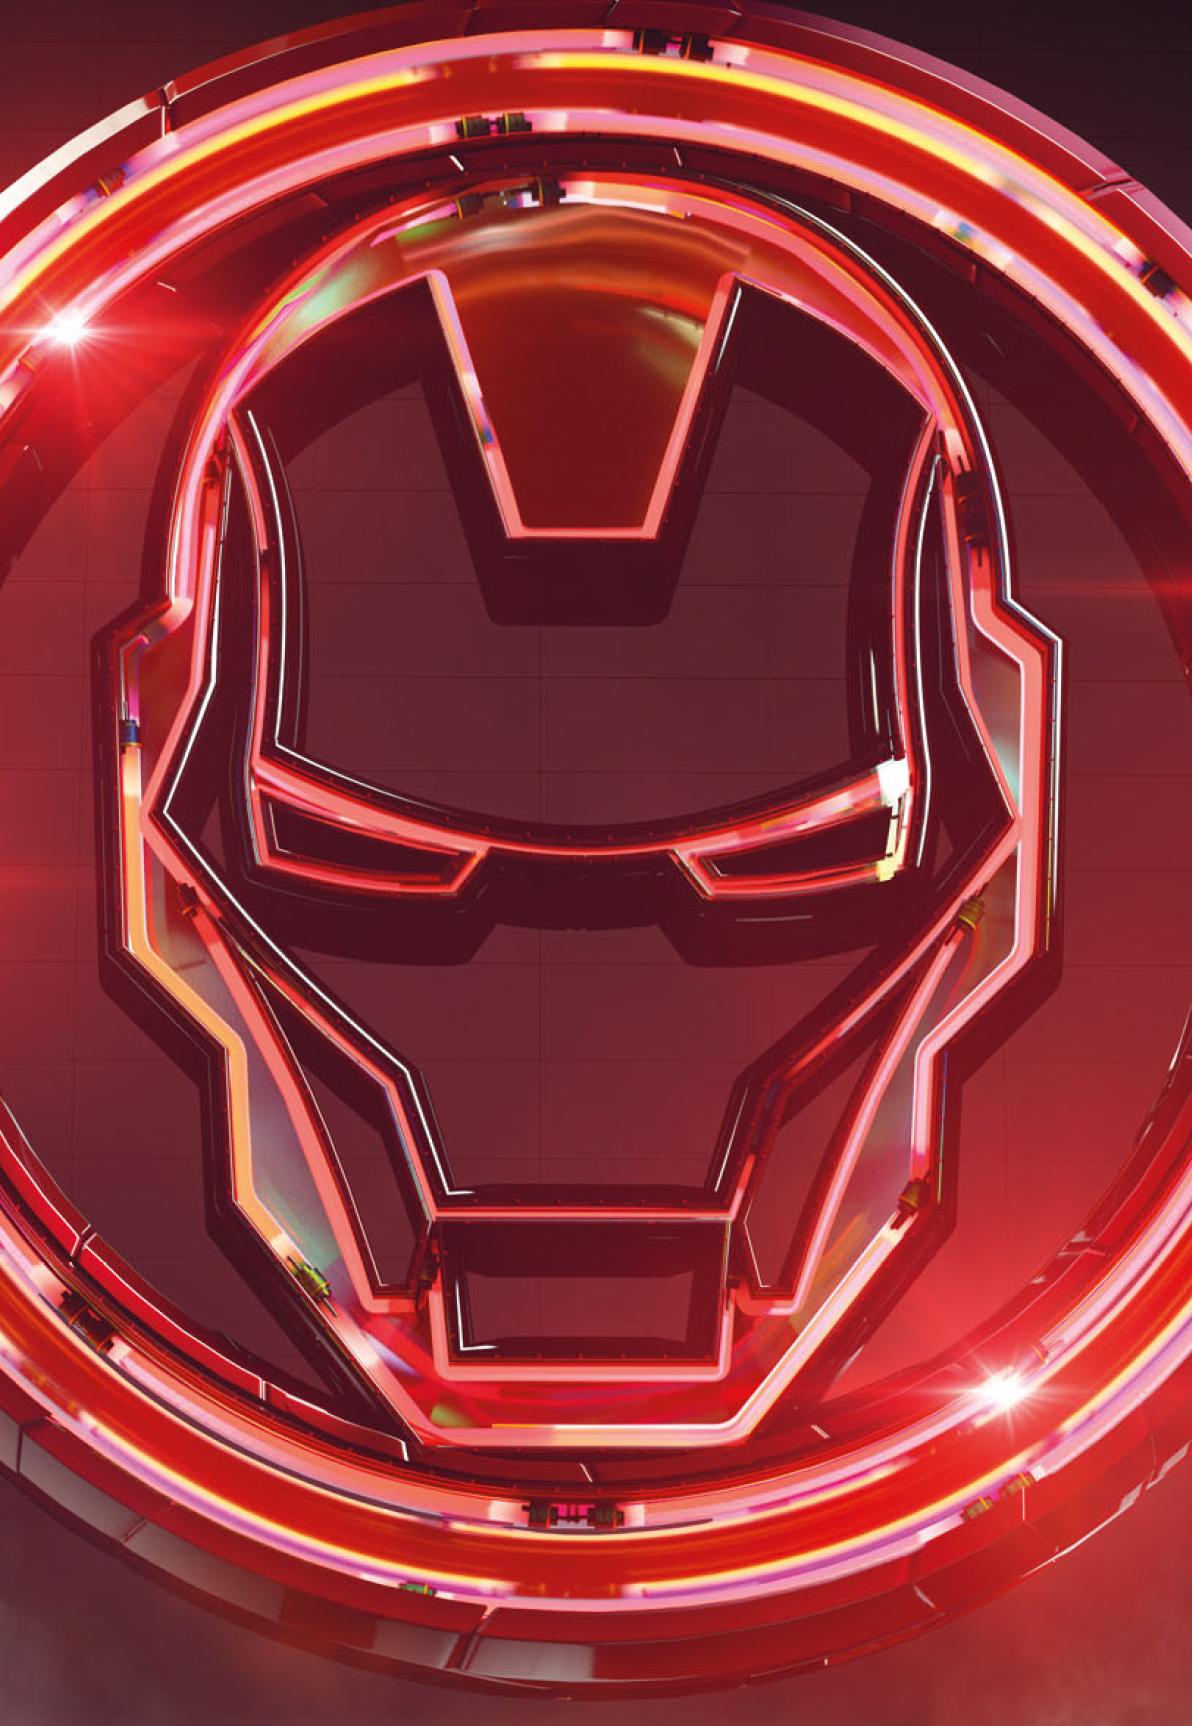 Marvel Superhero Competition Winners!